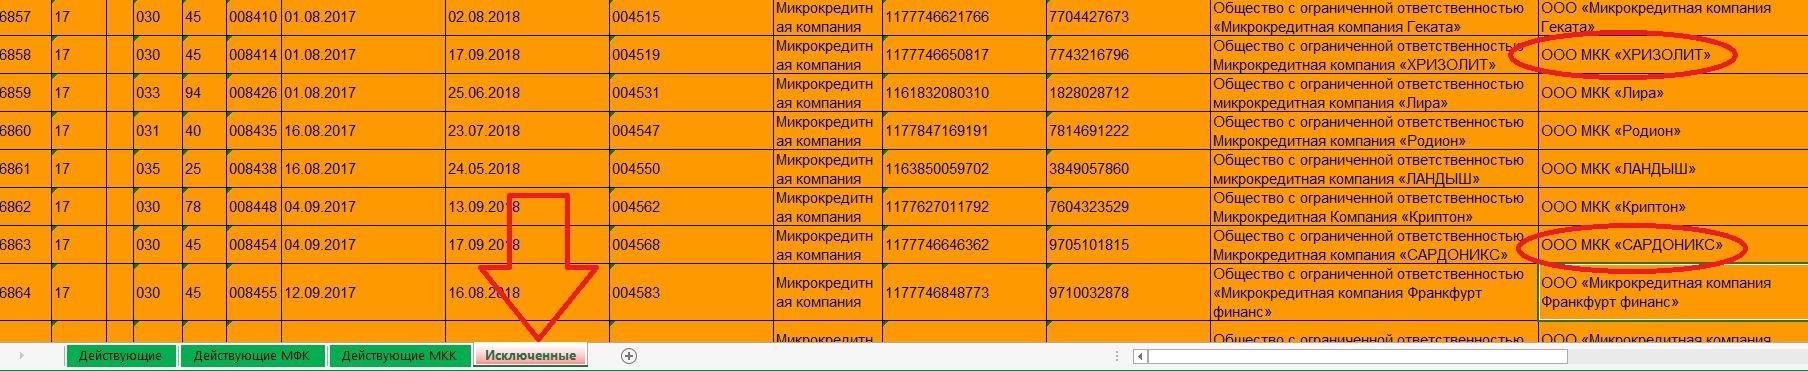 Микрокредитные компании «ХРИЗОЛИТ» и «САРДОНИКС»: исключены из реестра ЦБ